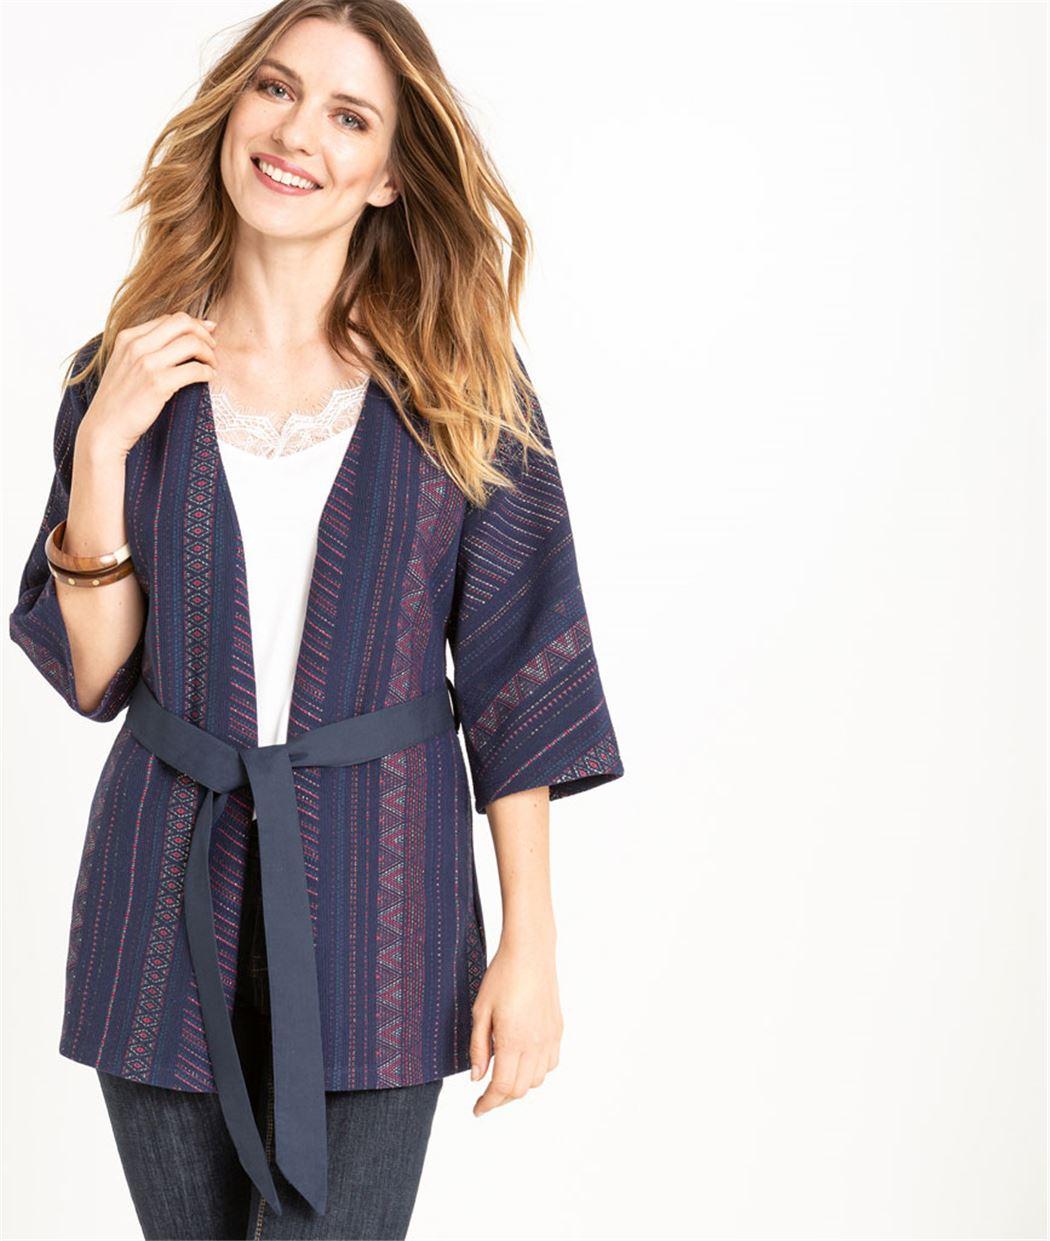 Veste femme esprit kimono en jacquard MARINE